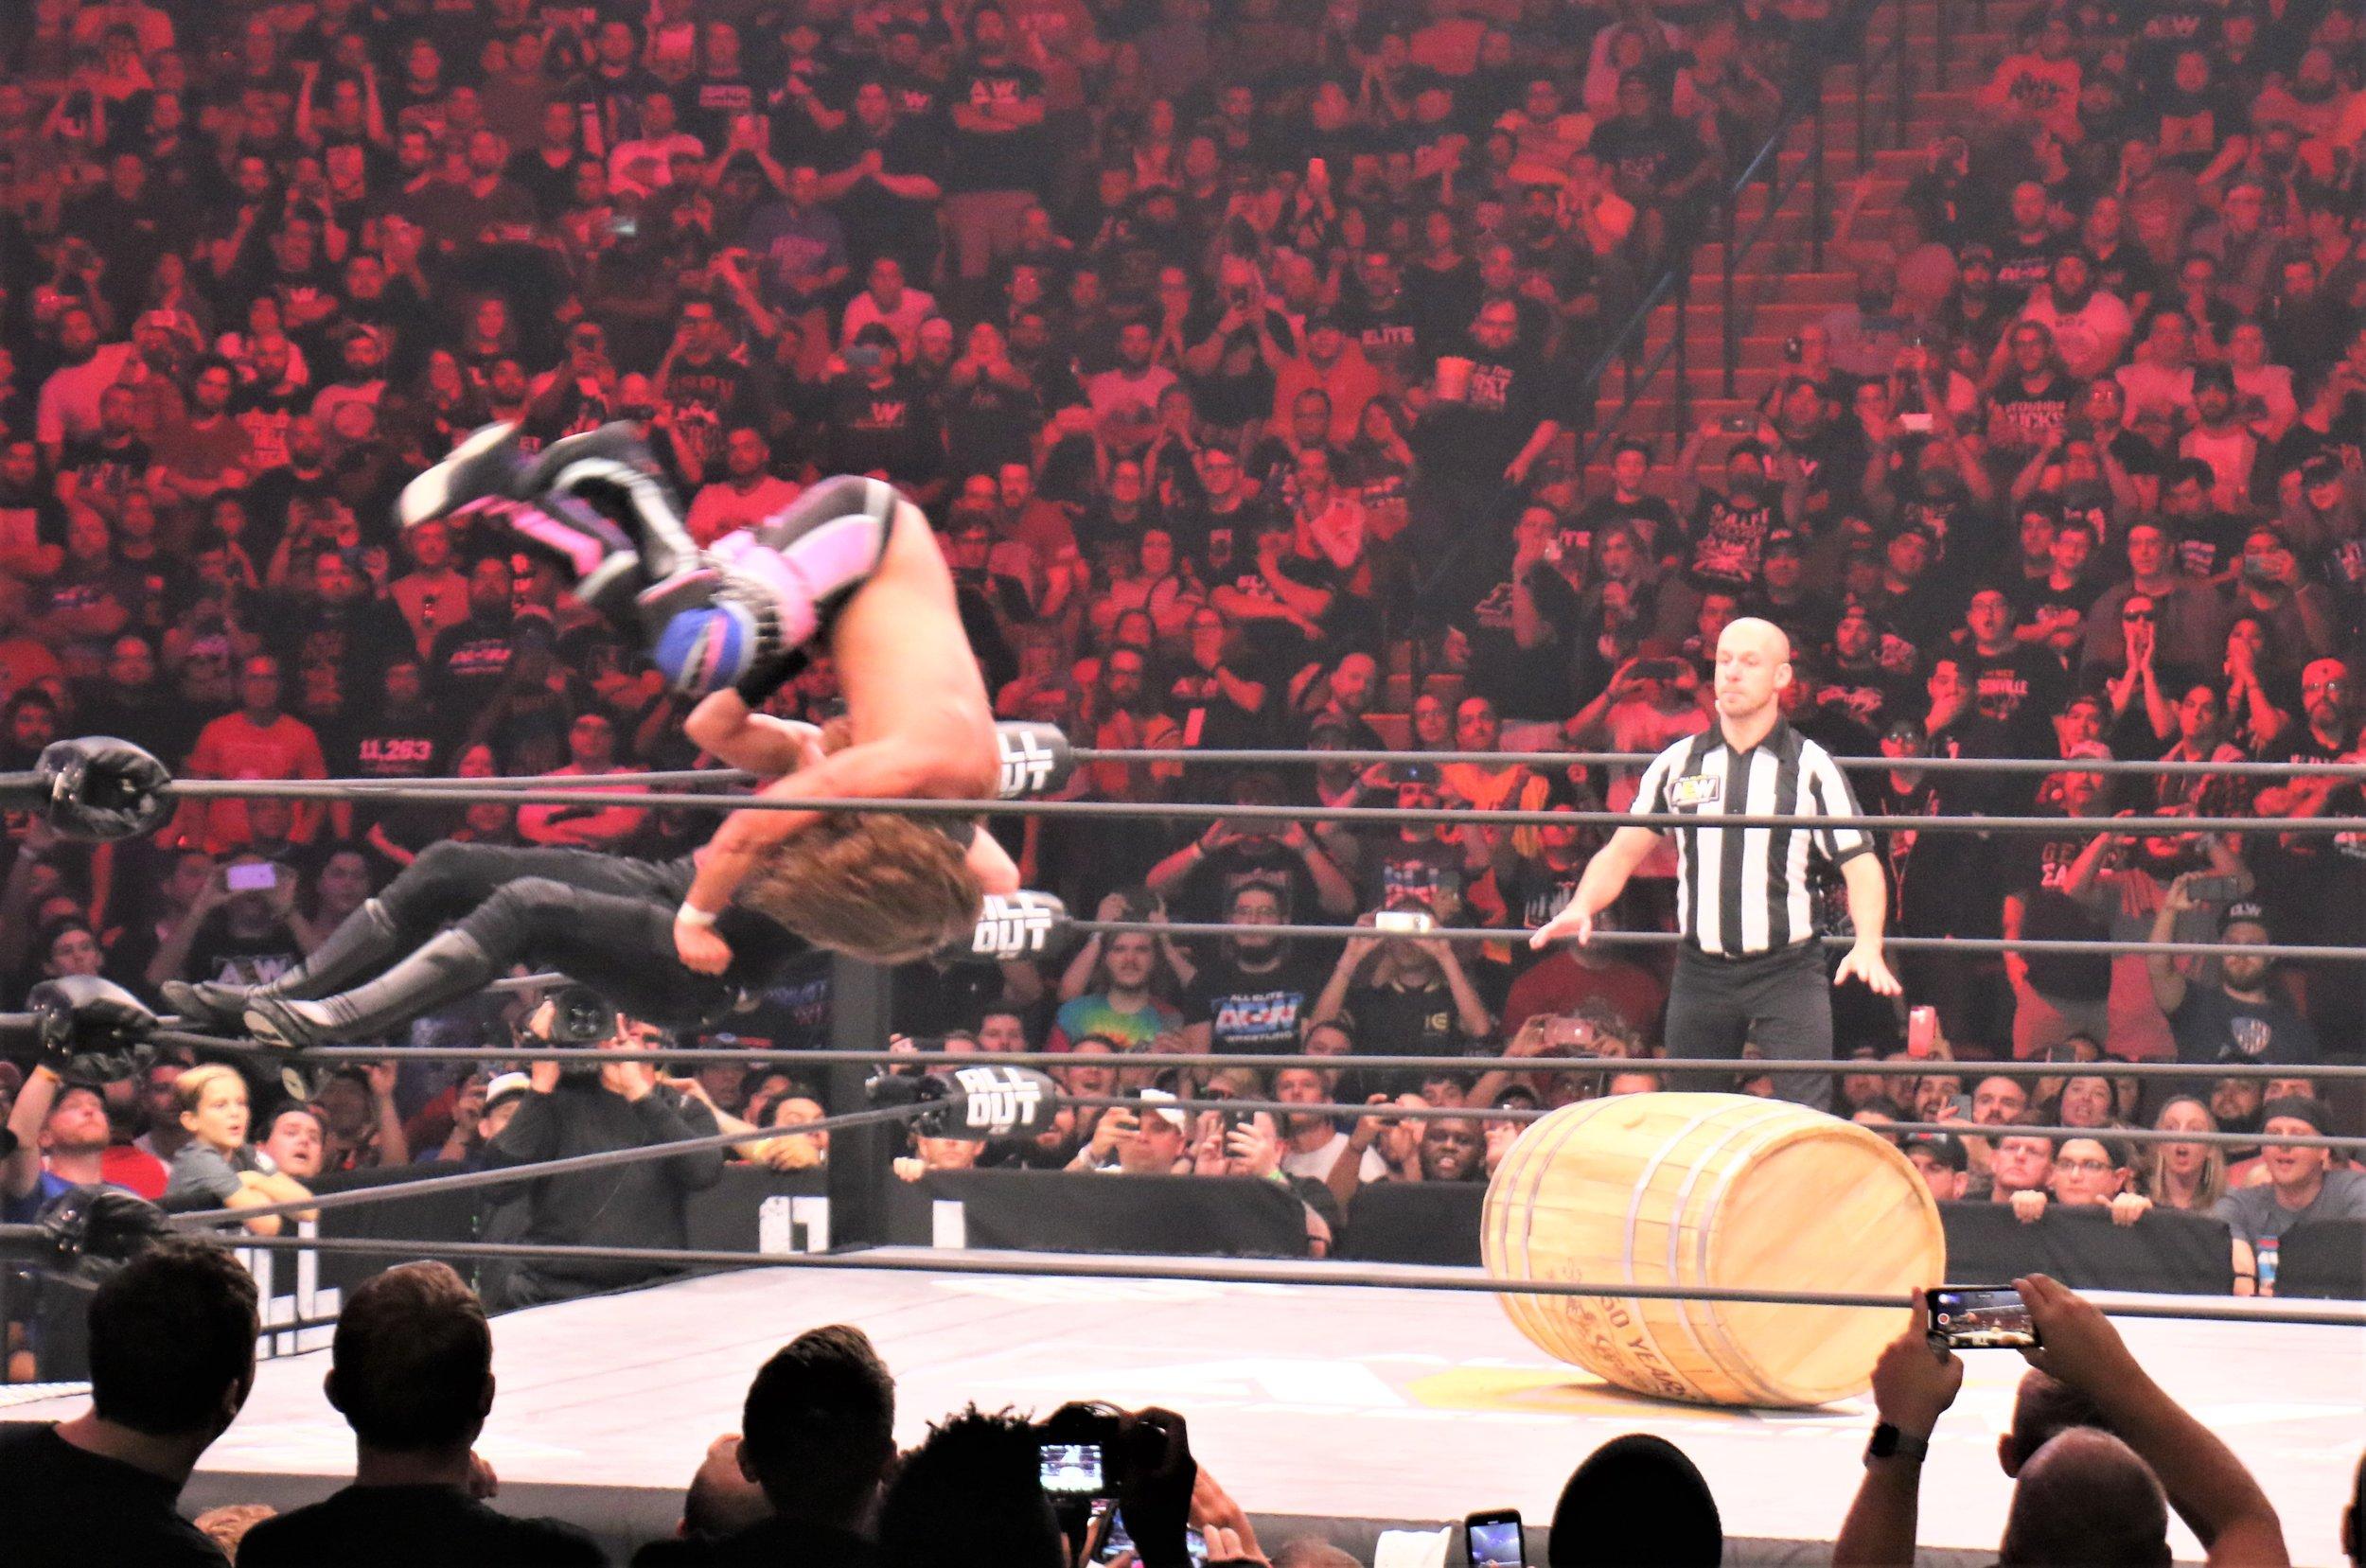 Jimmy Havoc suplexes Joey Janela onto the barrel.